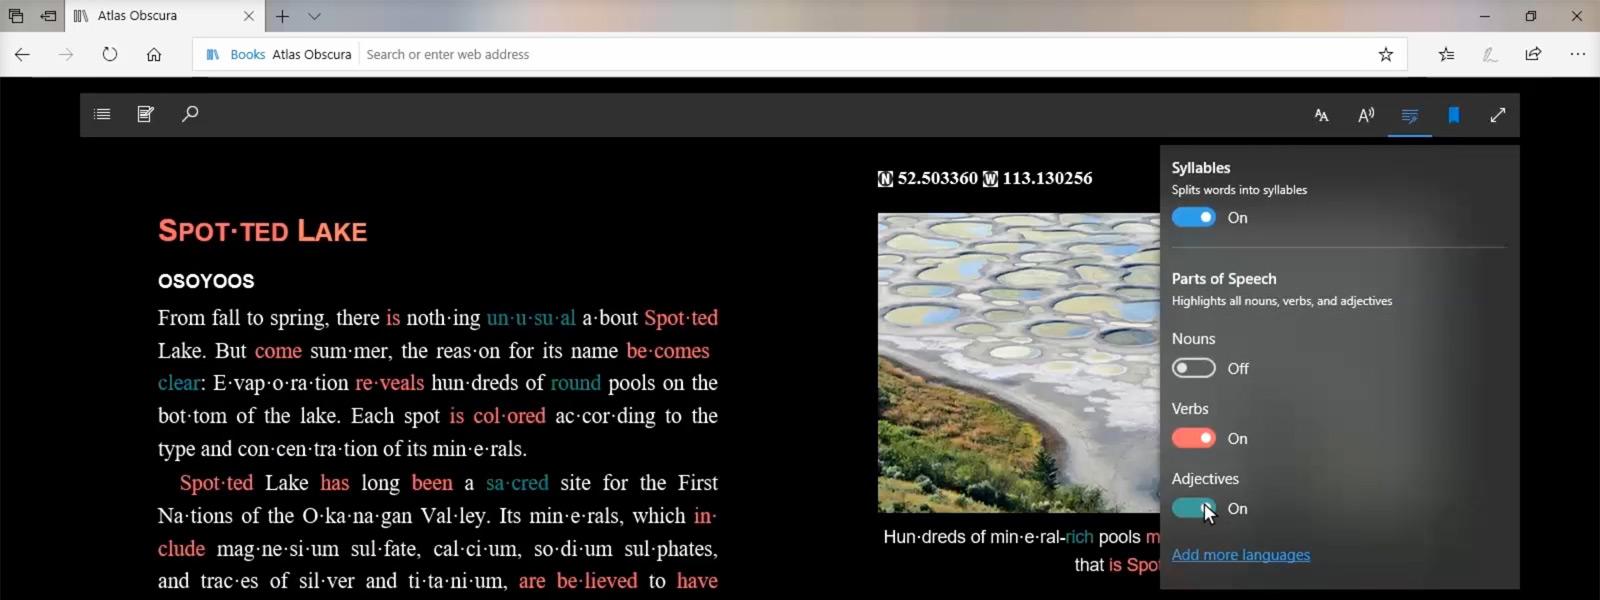 İlgili web sitesindeki adları, filleri ve sıfatları vurgulayan Öğrenme Araçları özelliğinin ekran görüntüsü